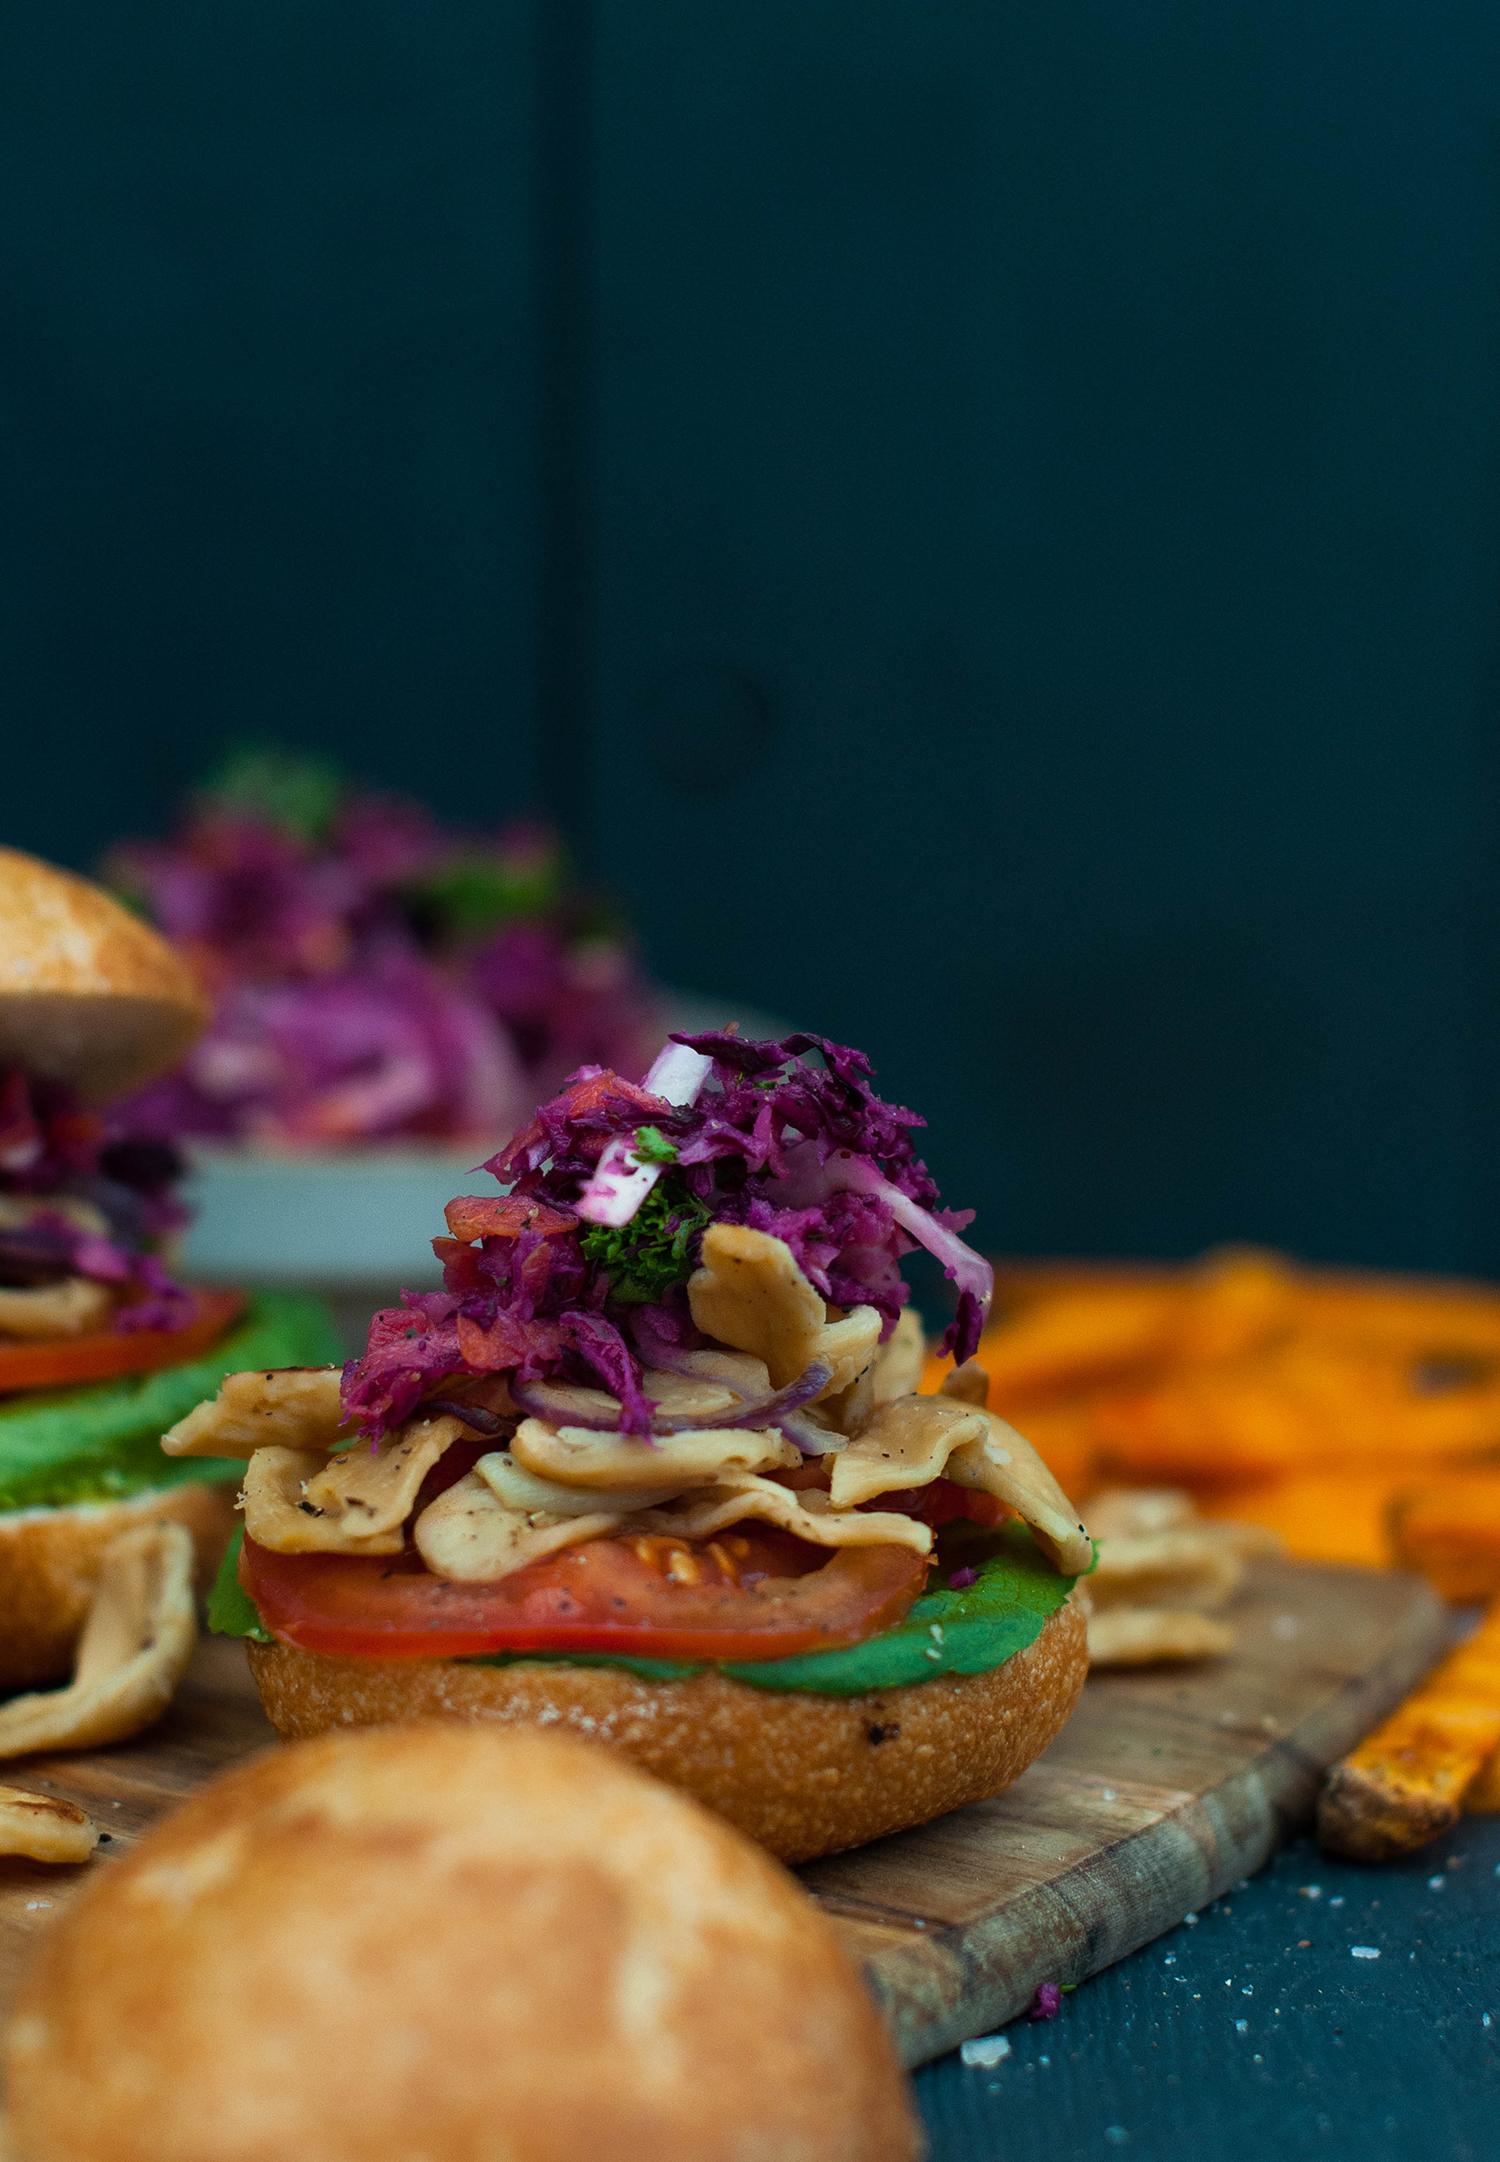 Veganz-Pulled-Soja-burgers-coleslaw-lea-lou-6